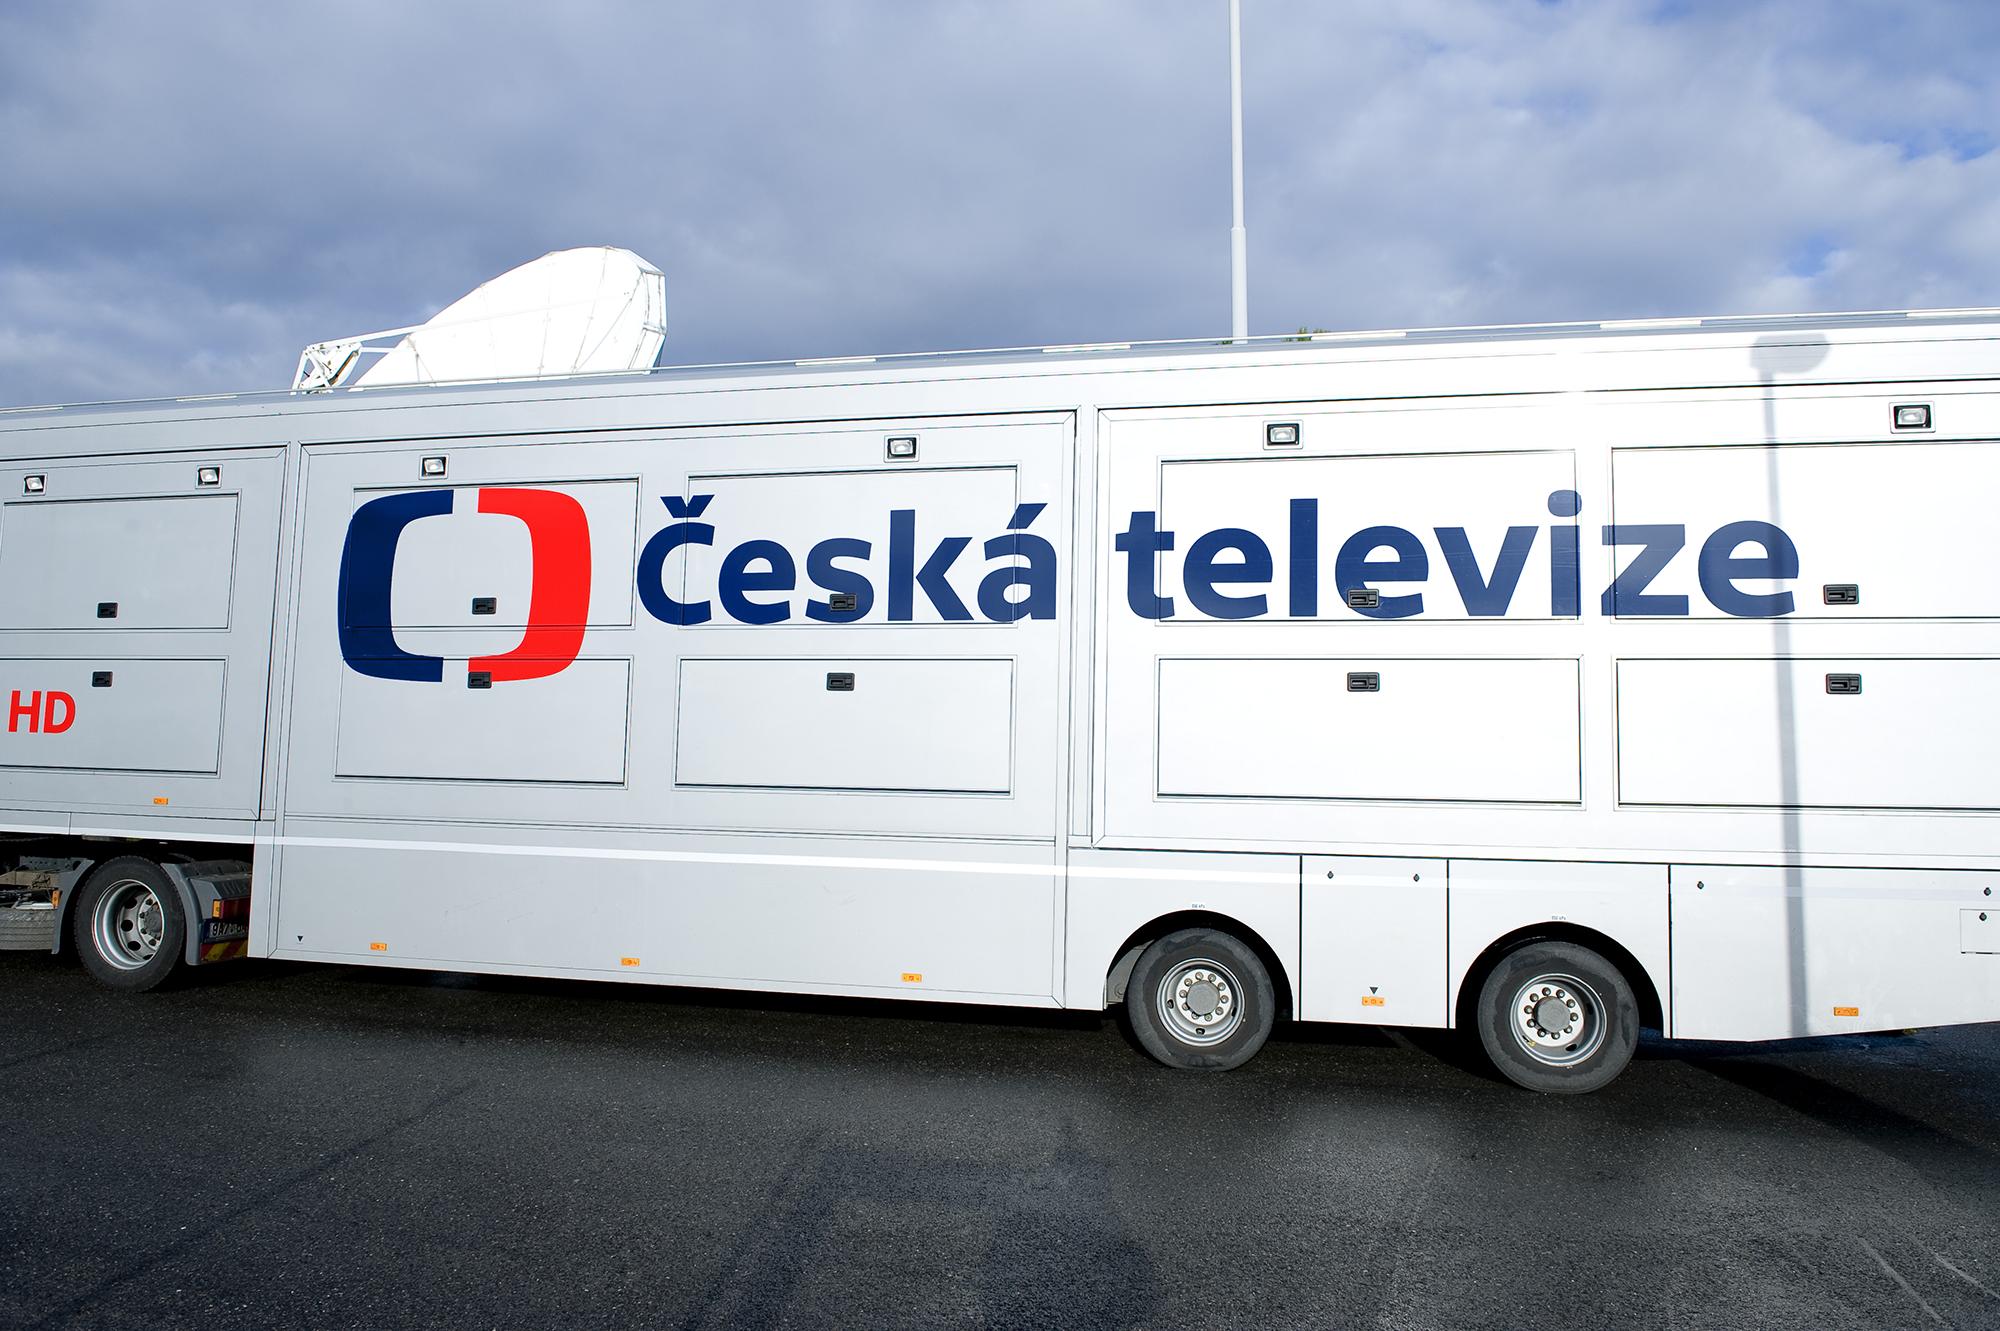 Чехия апплодирует